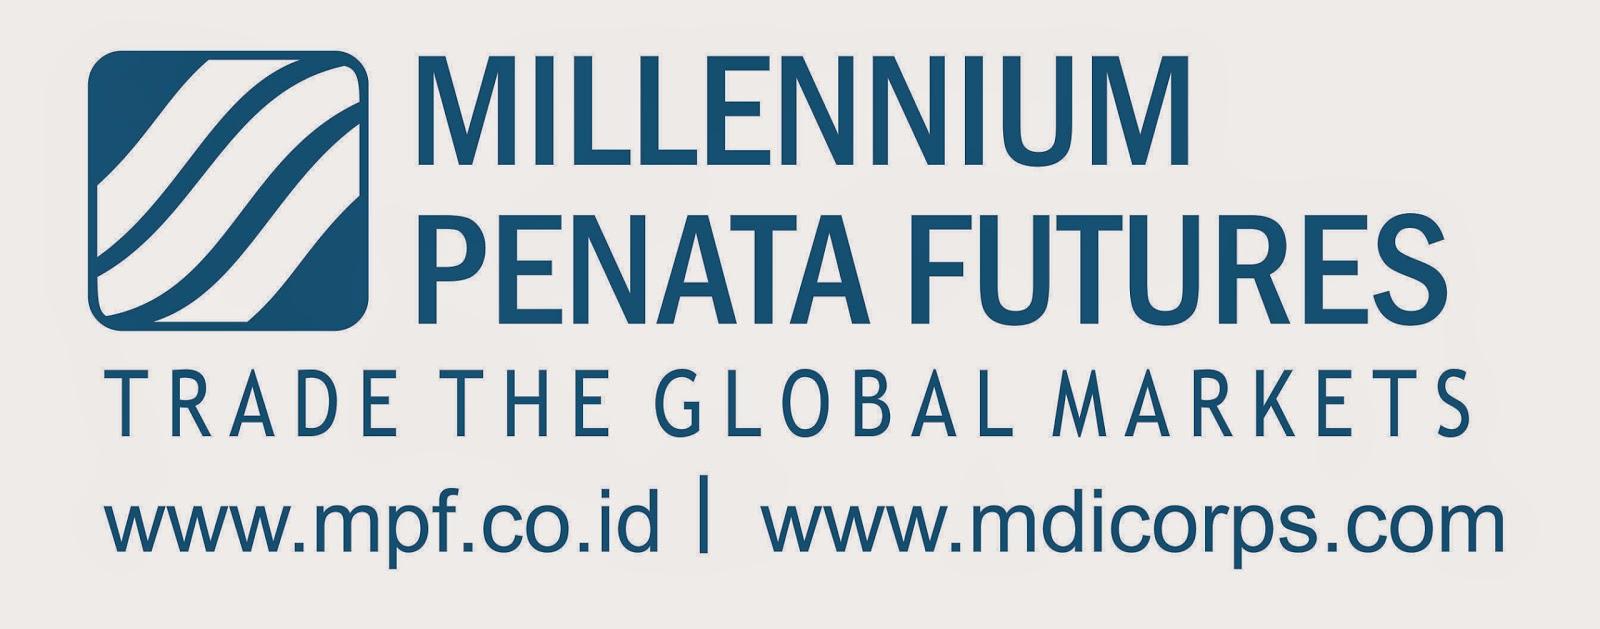 Lowongan Kerja PT Millenium Penata Futures – Yogyakarta (Assisten Manager, Financial Consultant dan Public Relation)